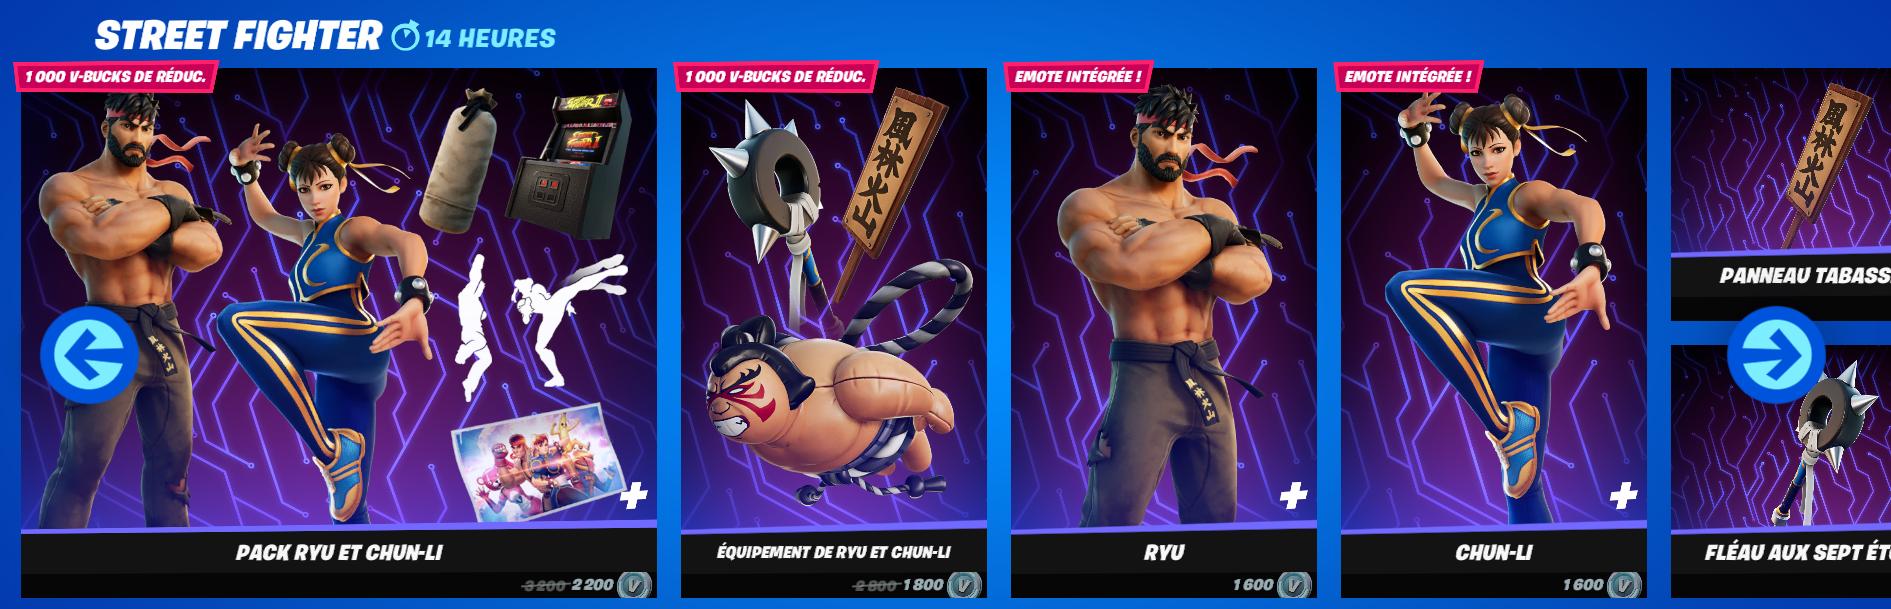 chun-li-ryu-skins-fortnite-pack